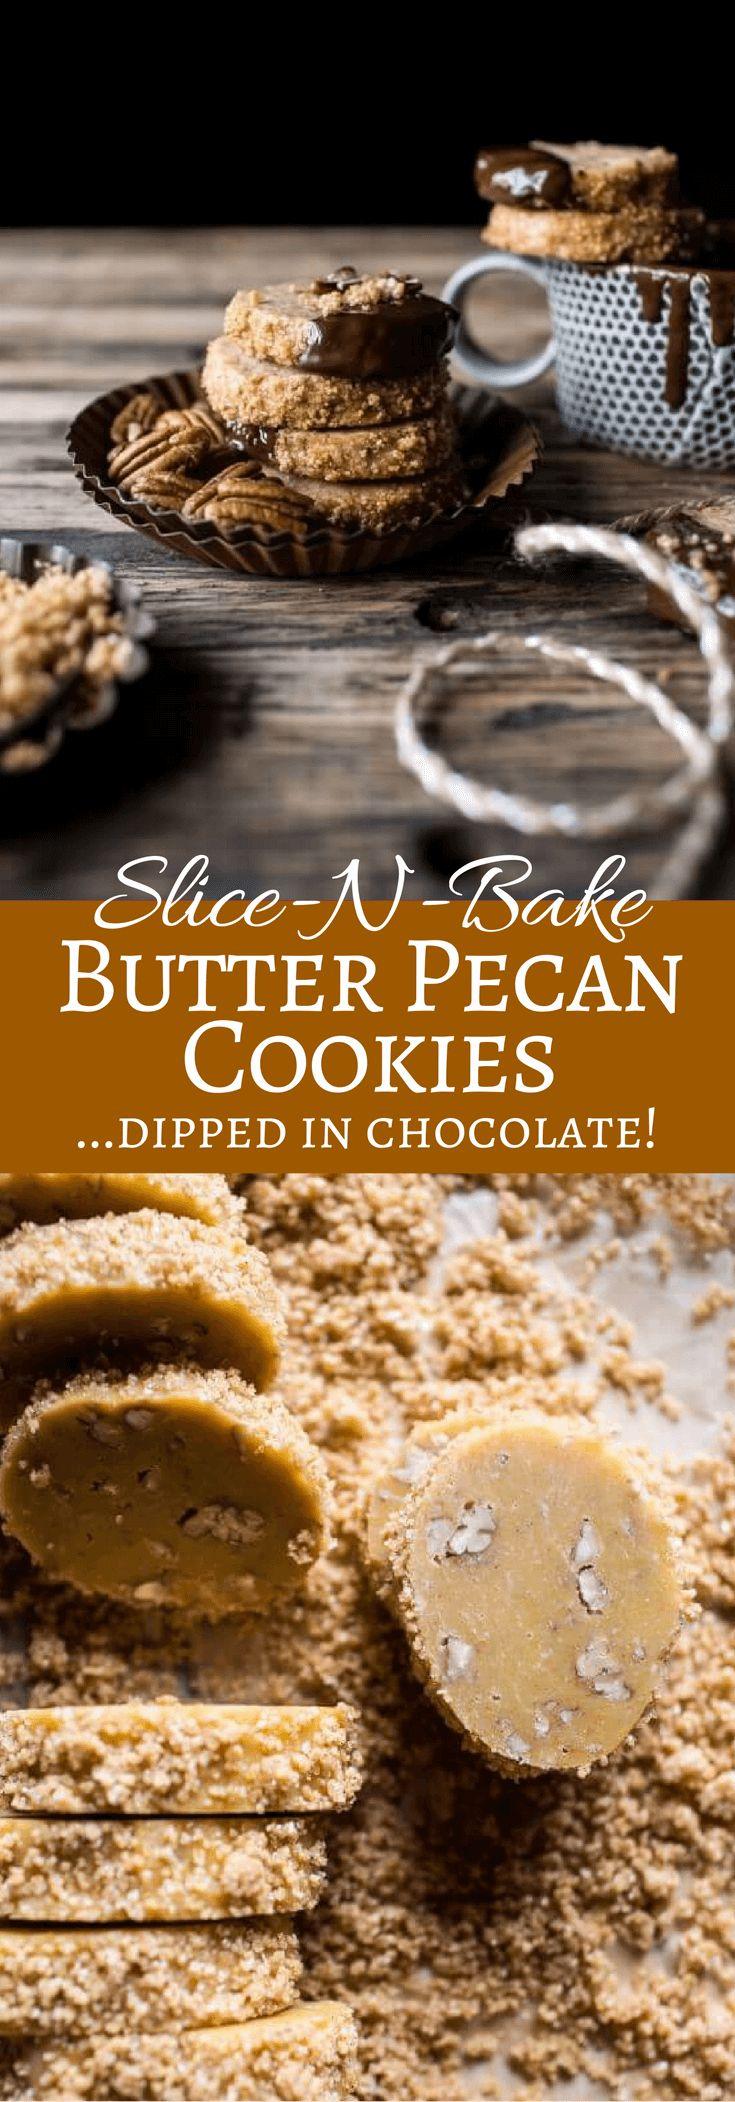 Slice-N-Bake Butter Pecan Cookies... Dipped in Chocolate! | halfbakedharvest.com @hbharvest